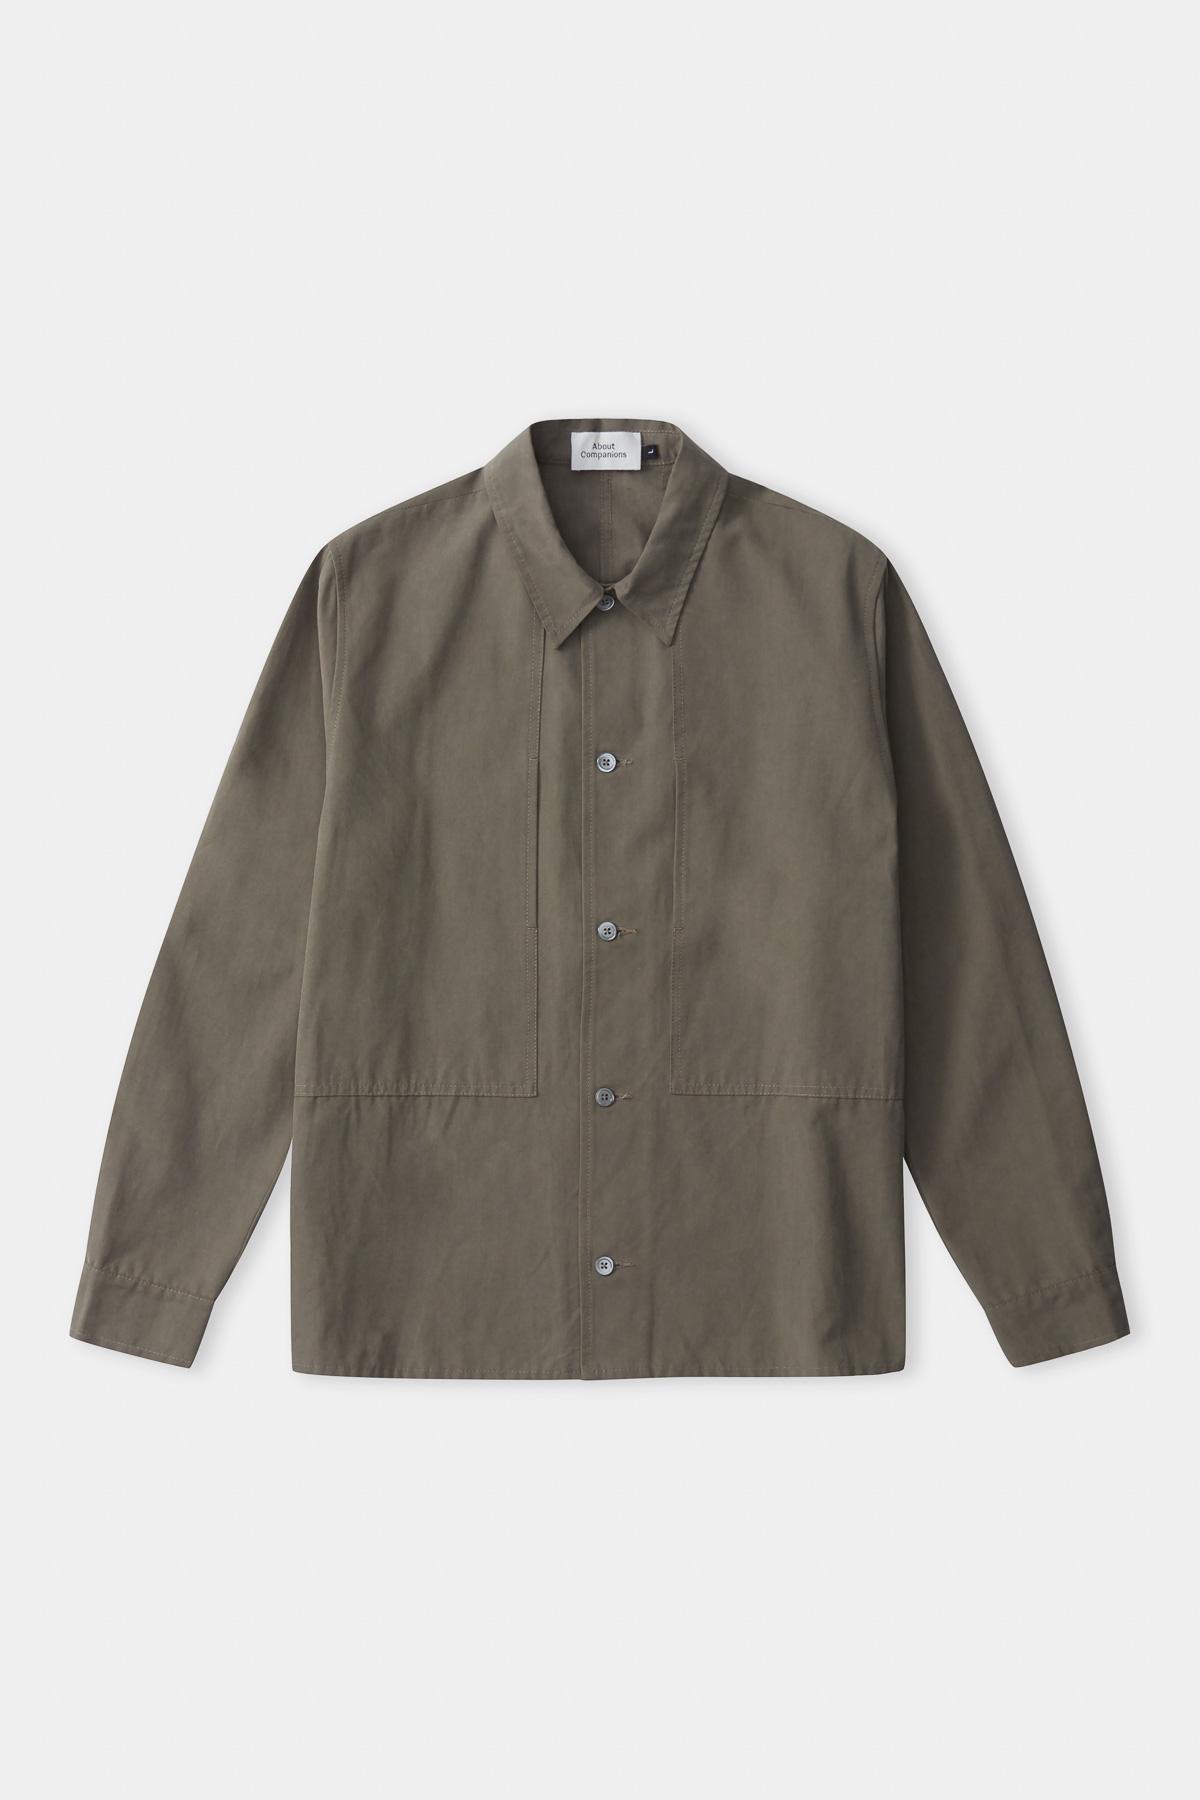 owe overshirt tencel, dusty olive, herren - aco